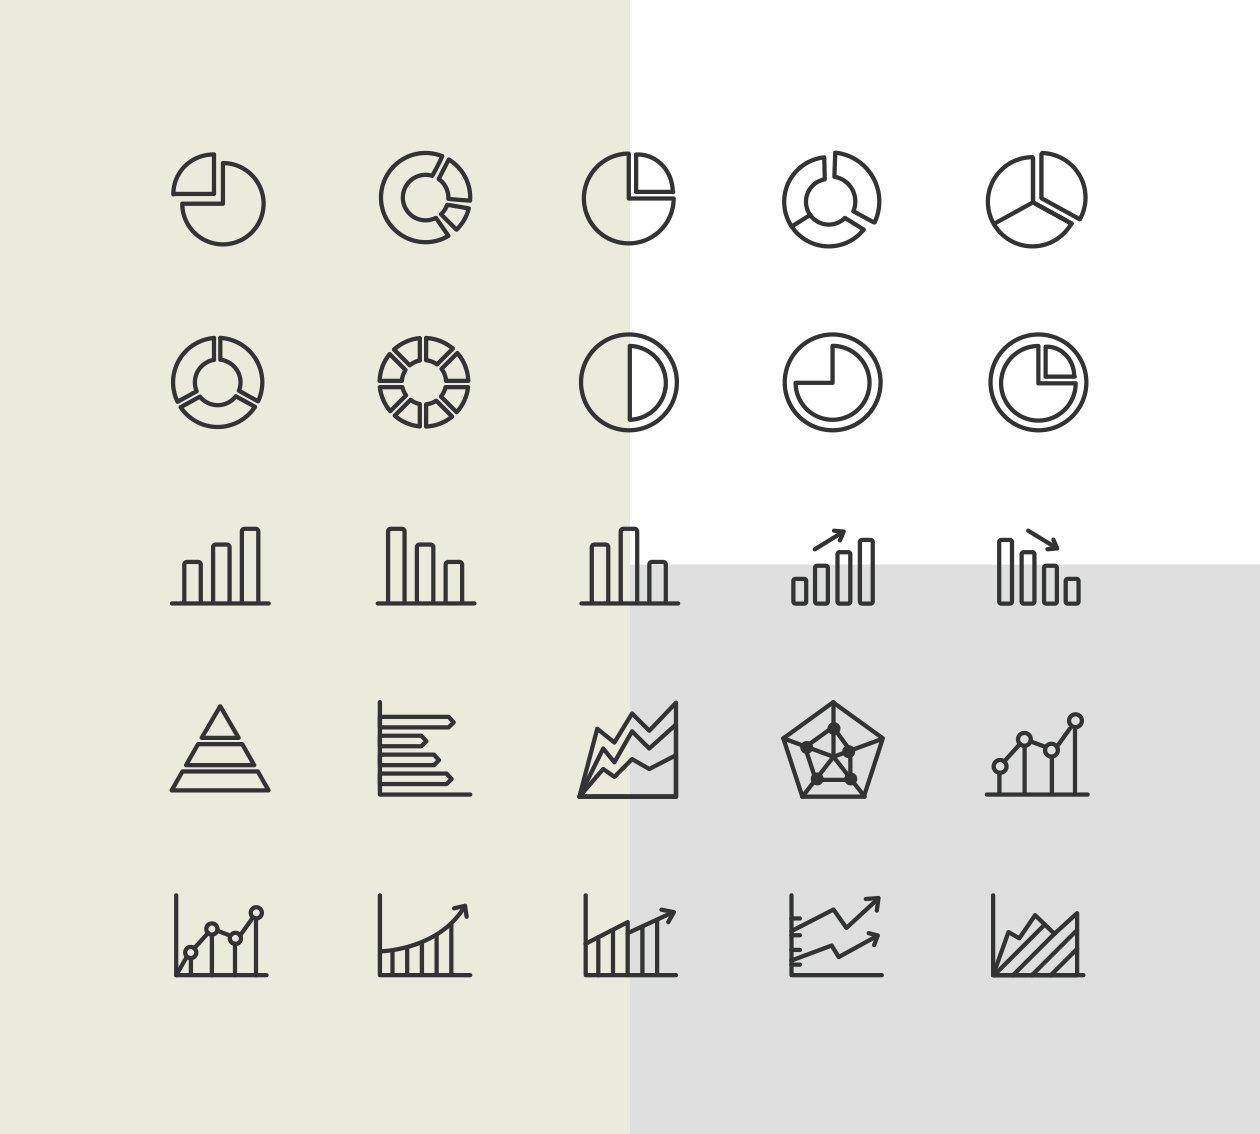 绘制精良的数据统计类图标下载[for Ai]设计素材模板